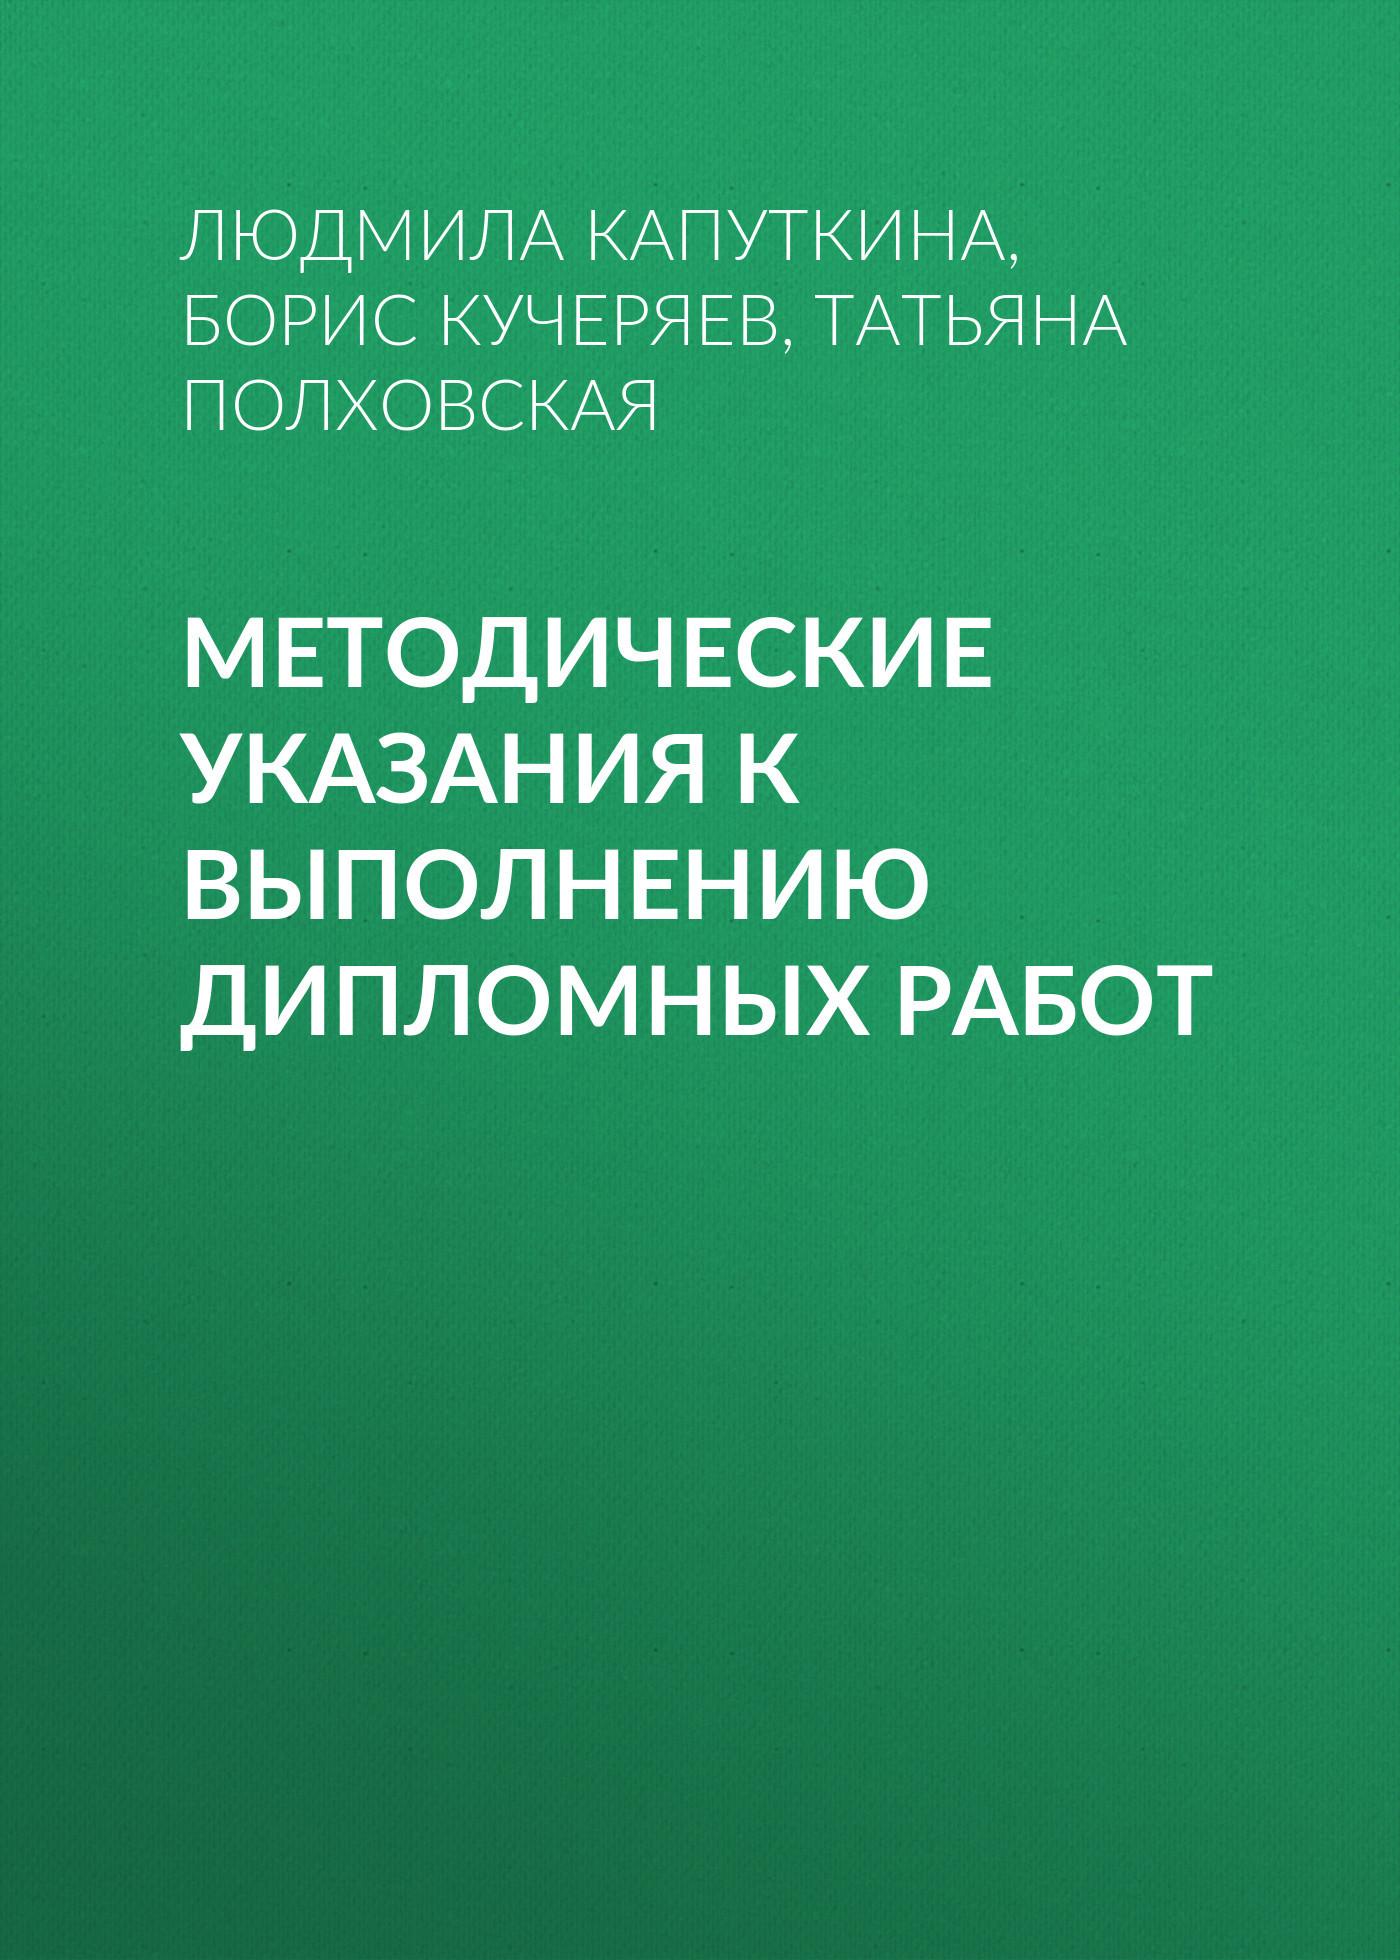 Татьяна Полховская Методические указания к выполнению дипломных работ